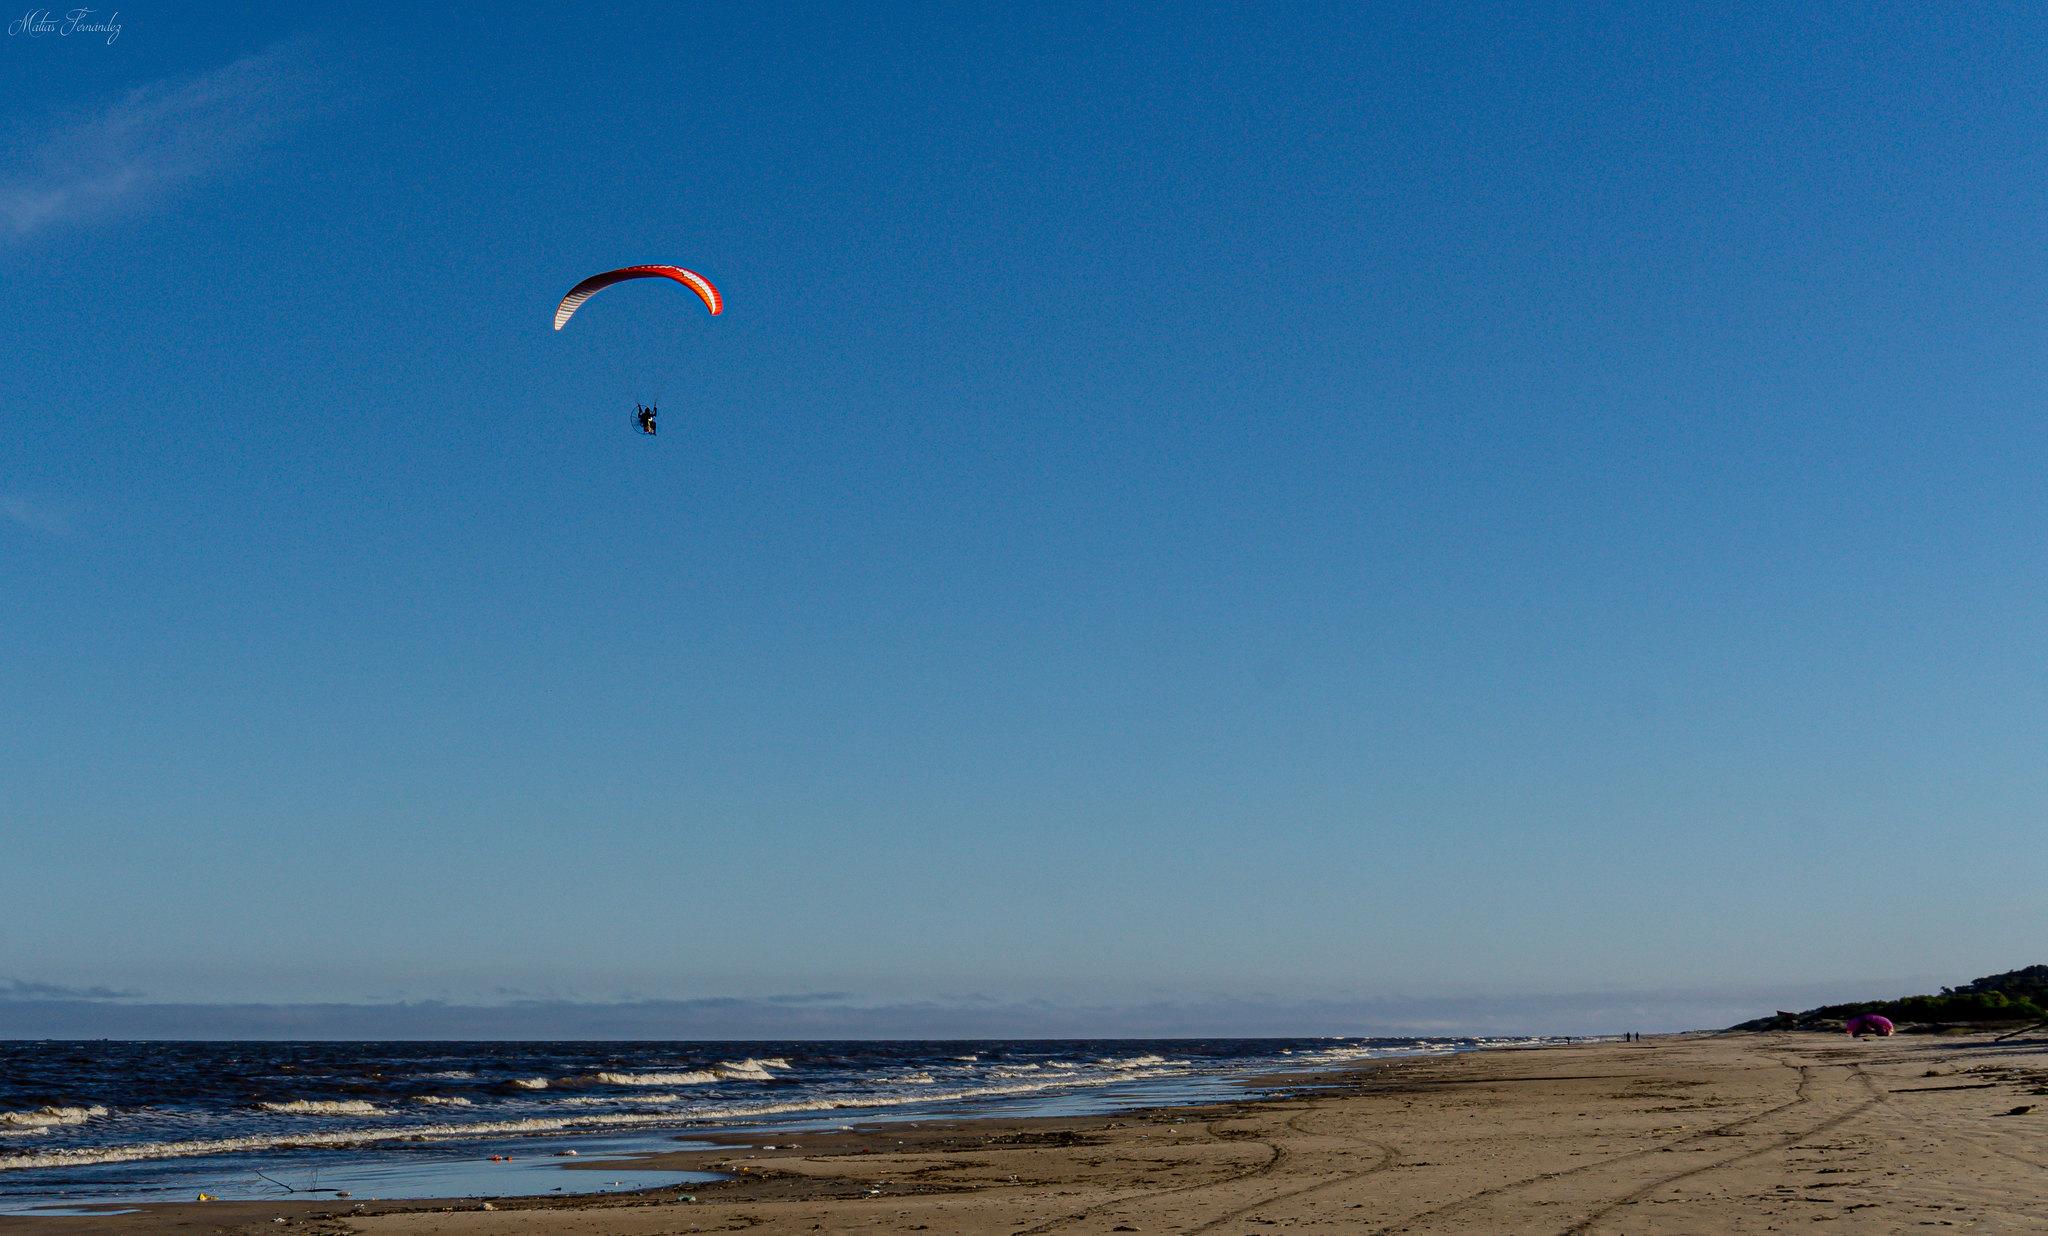 Día de longboard y paisaje costero. en Paisajes48390280747_908a4fe40f_k